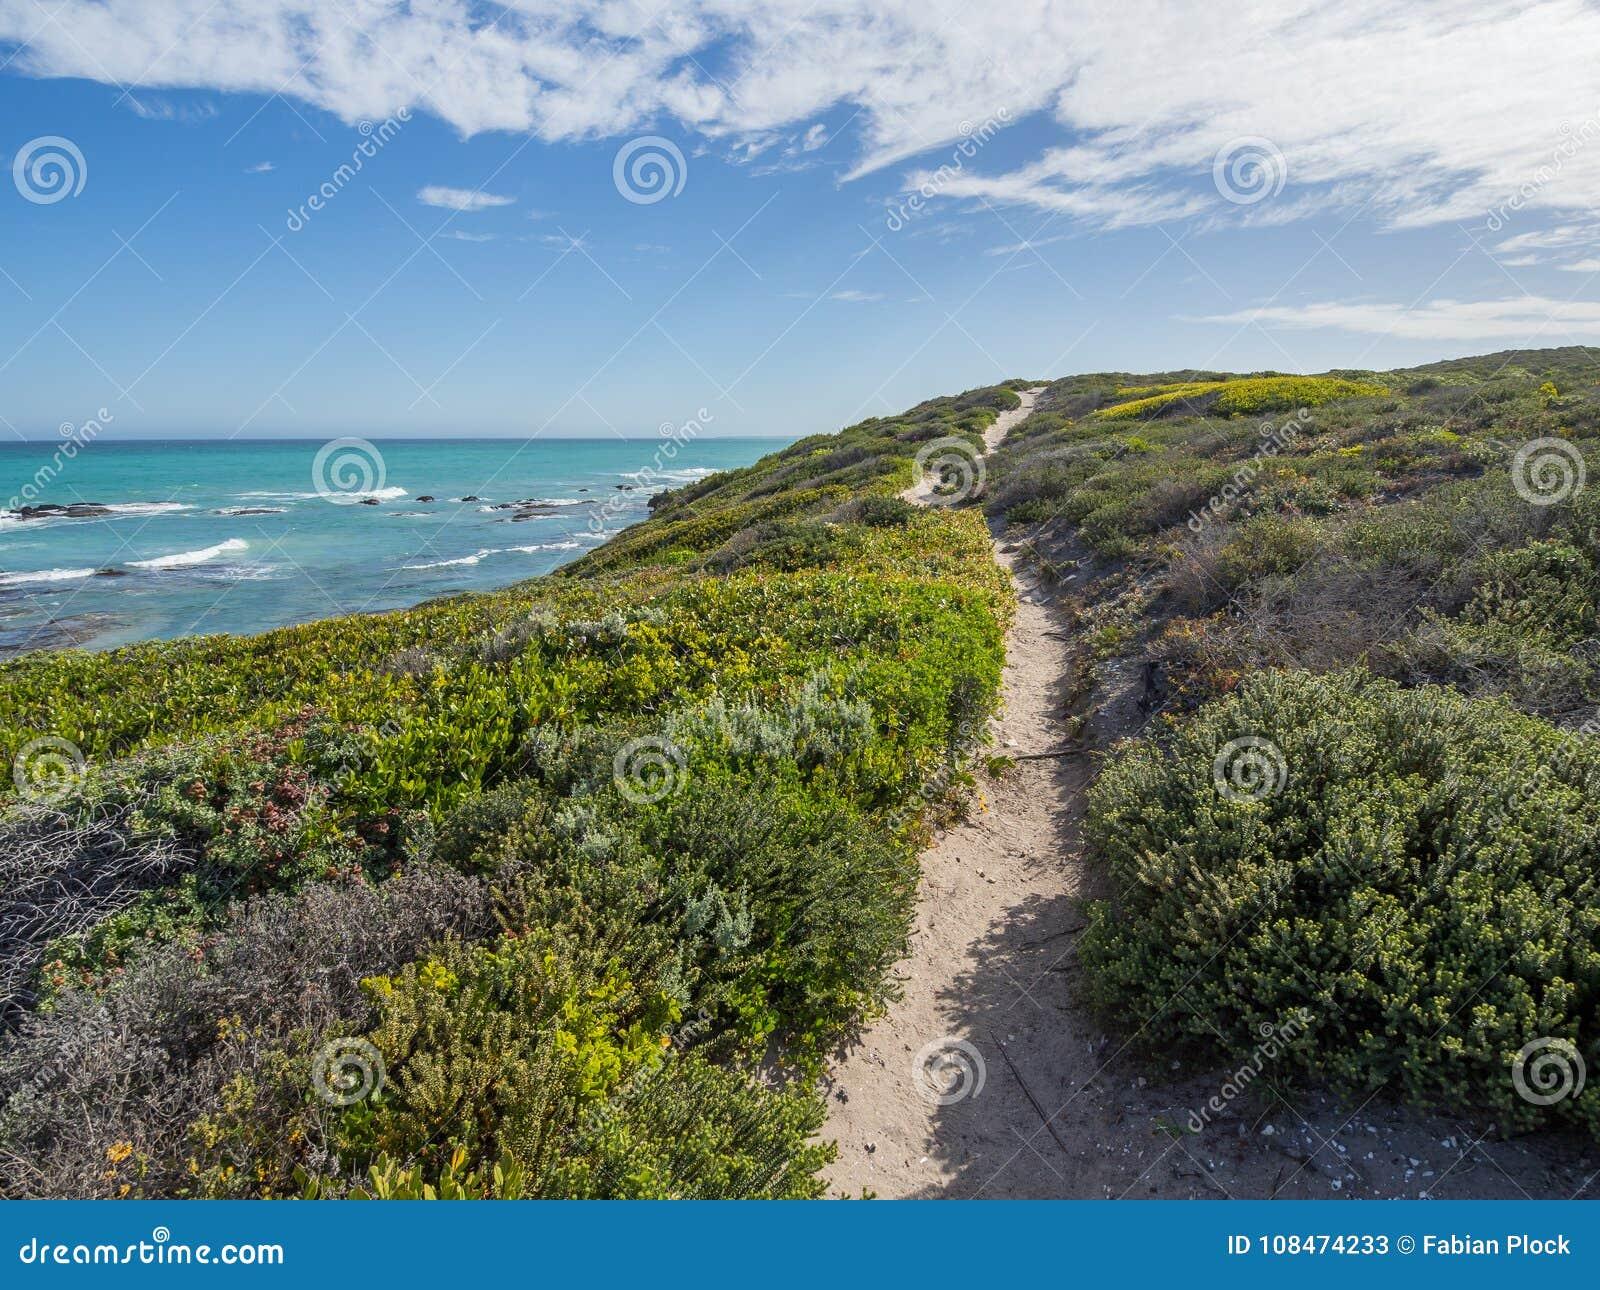 Reserva natural de De Aro - trajeto de passeio que conduz através das dunas de areia no oceano com vegetação litoral